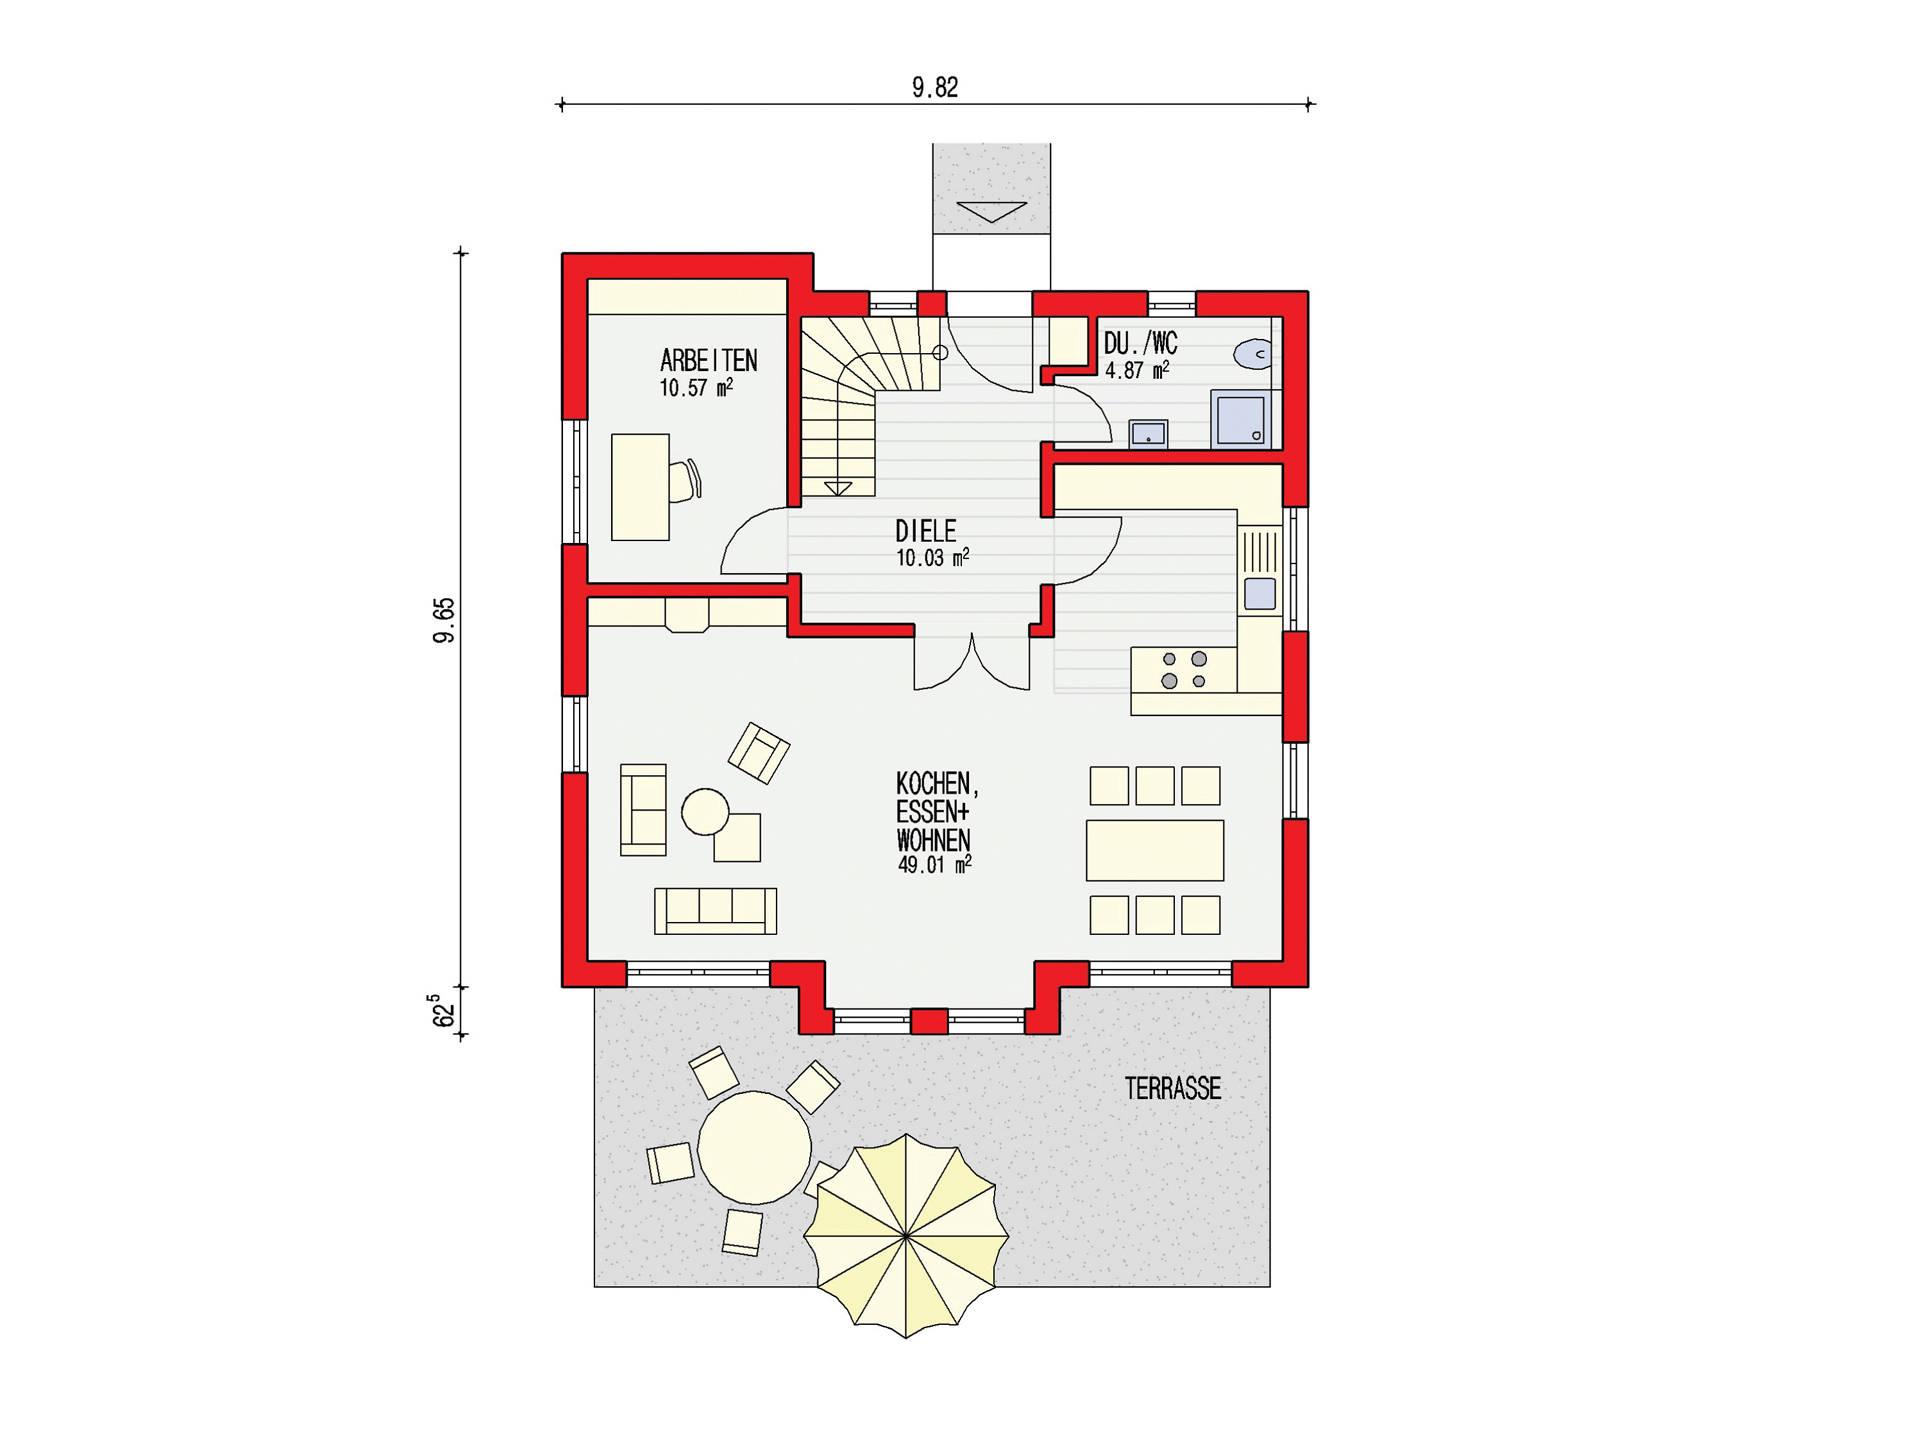 Ausgezeichnet 82 Elektrische Schaltplan Haus Verdrahtung Bild ...